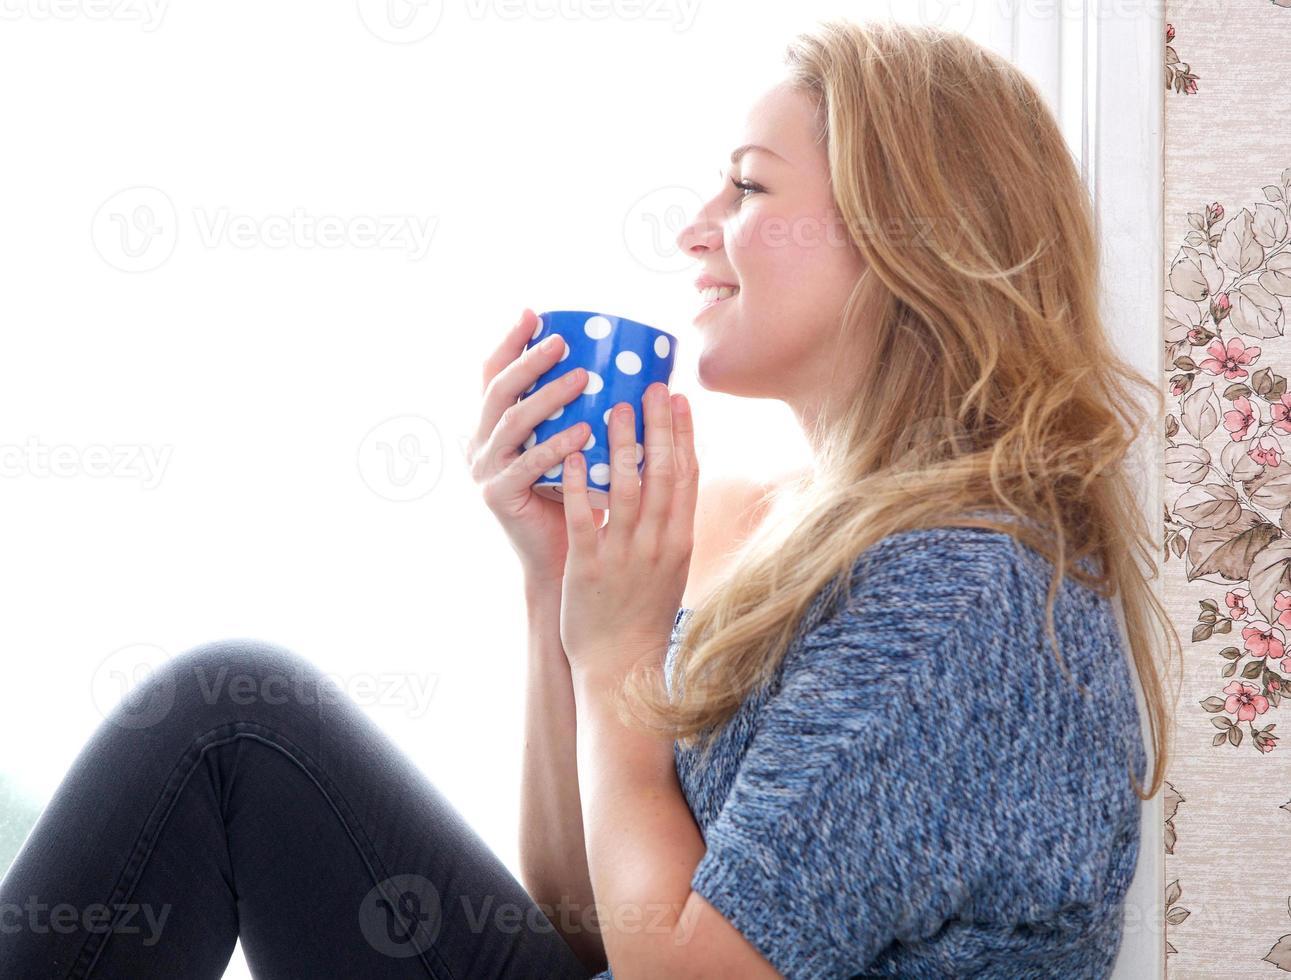 Entspannen bei einer Tasse Kaffee zu Hause foto